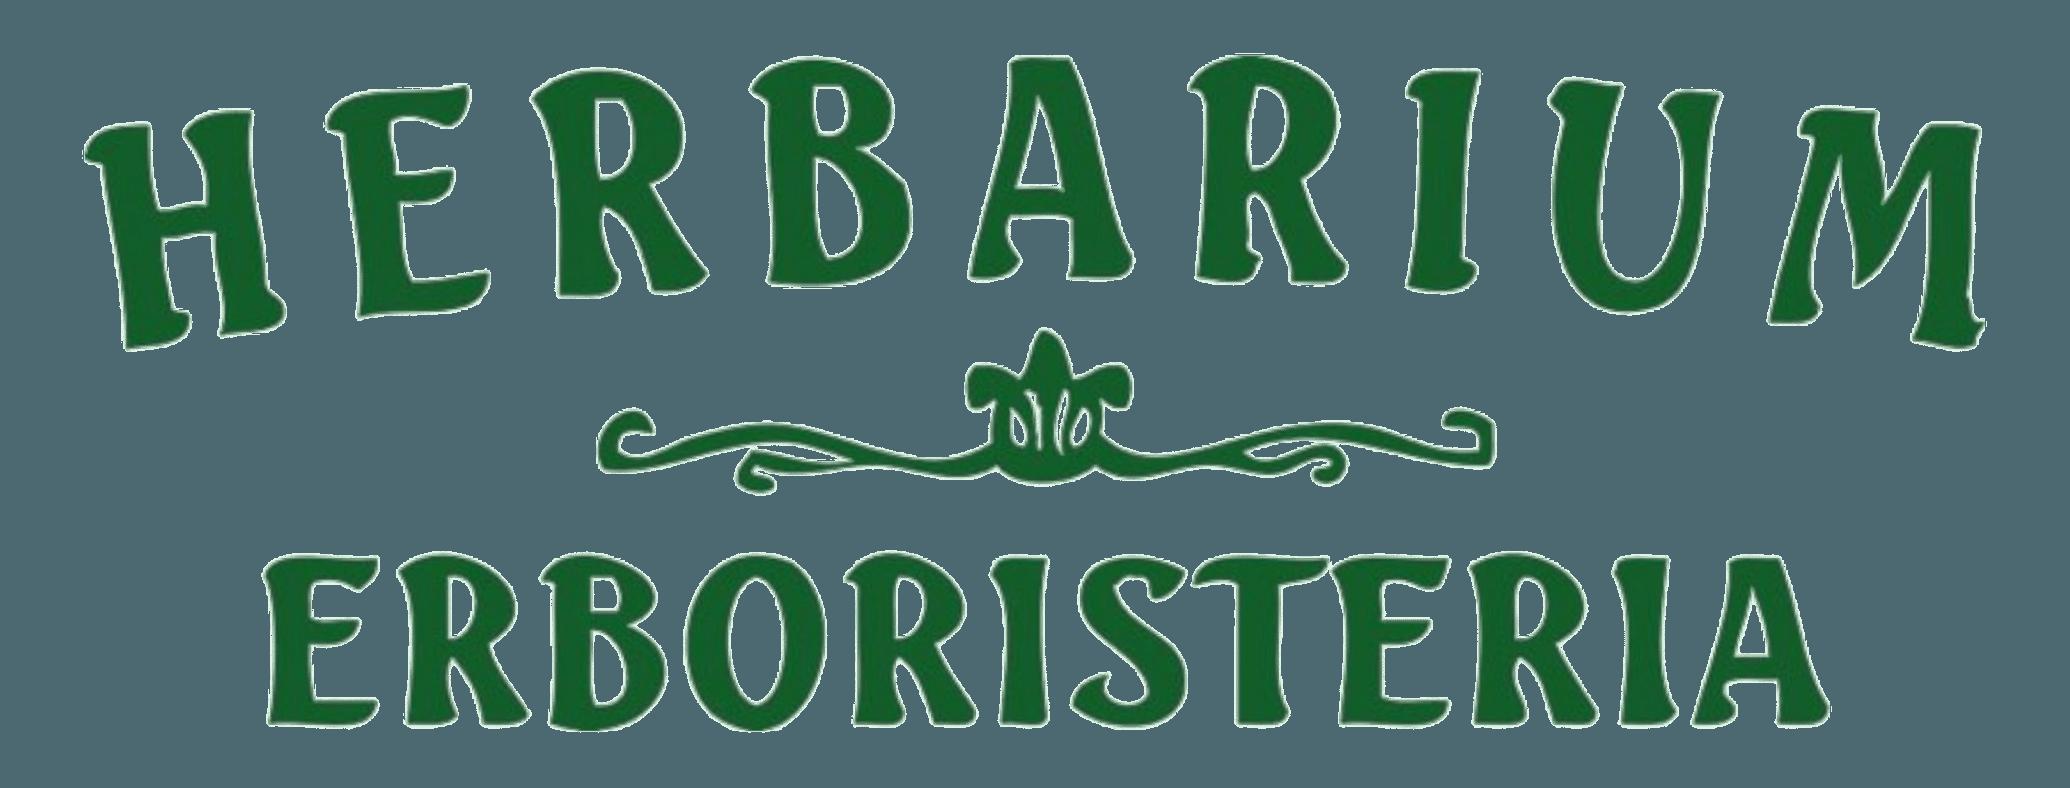 Herbarium Erboristeria